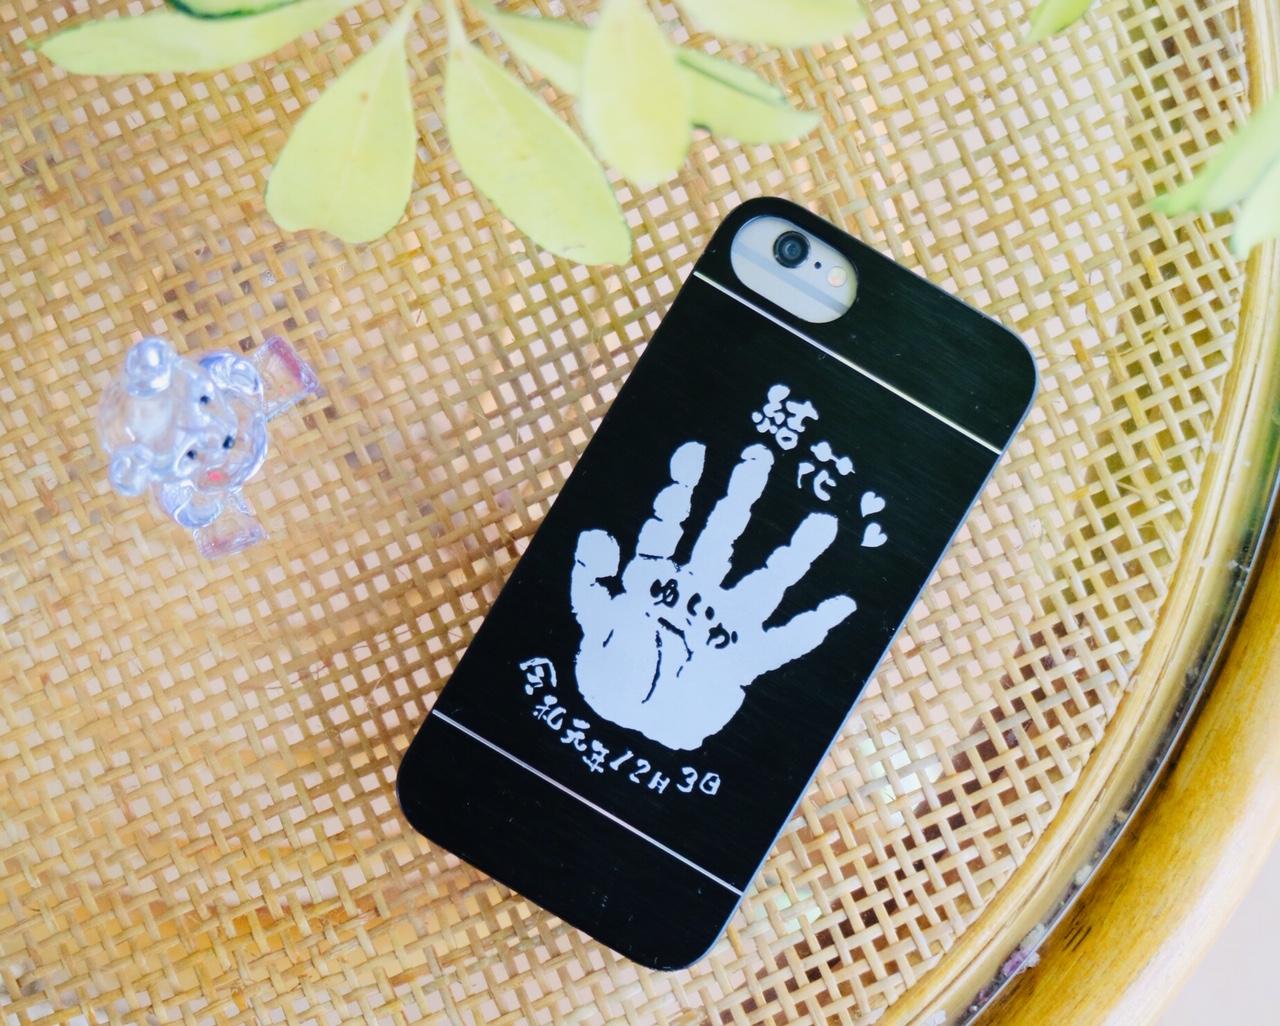 赤ちゃん手形iphoneカバーアルミニウム製♪